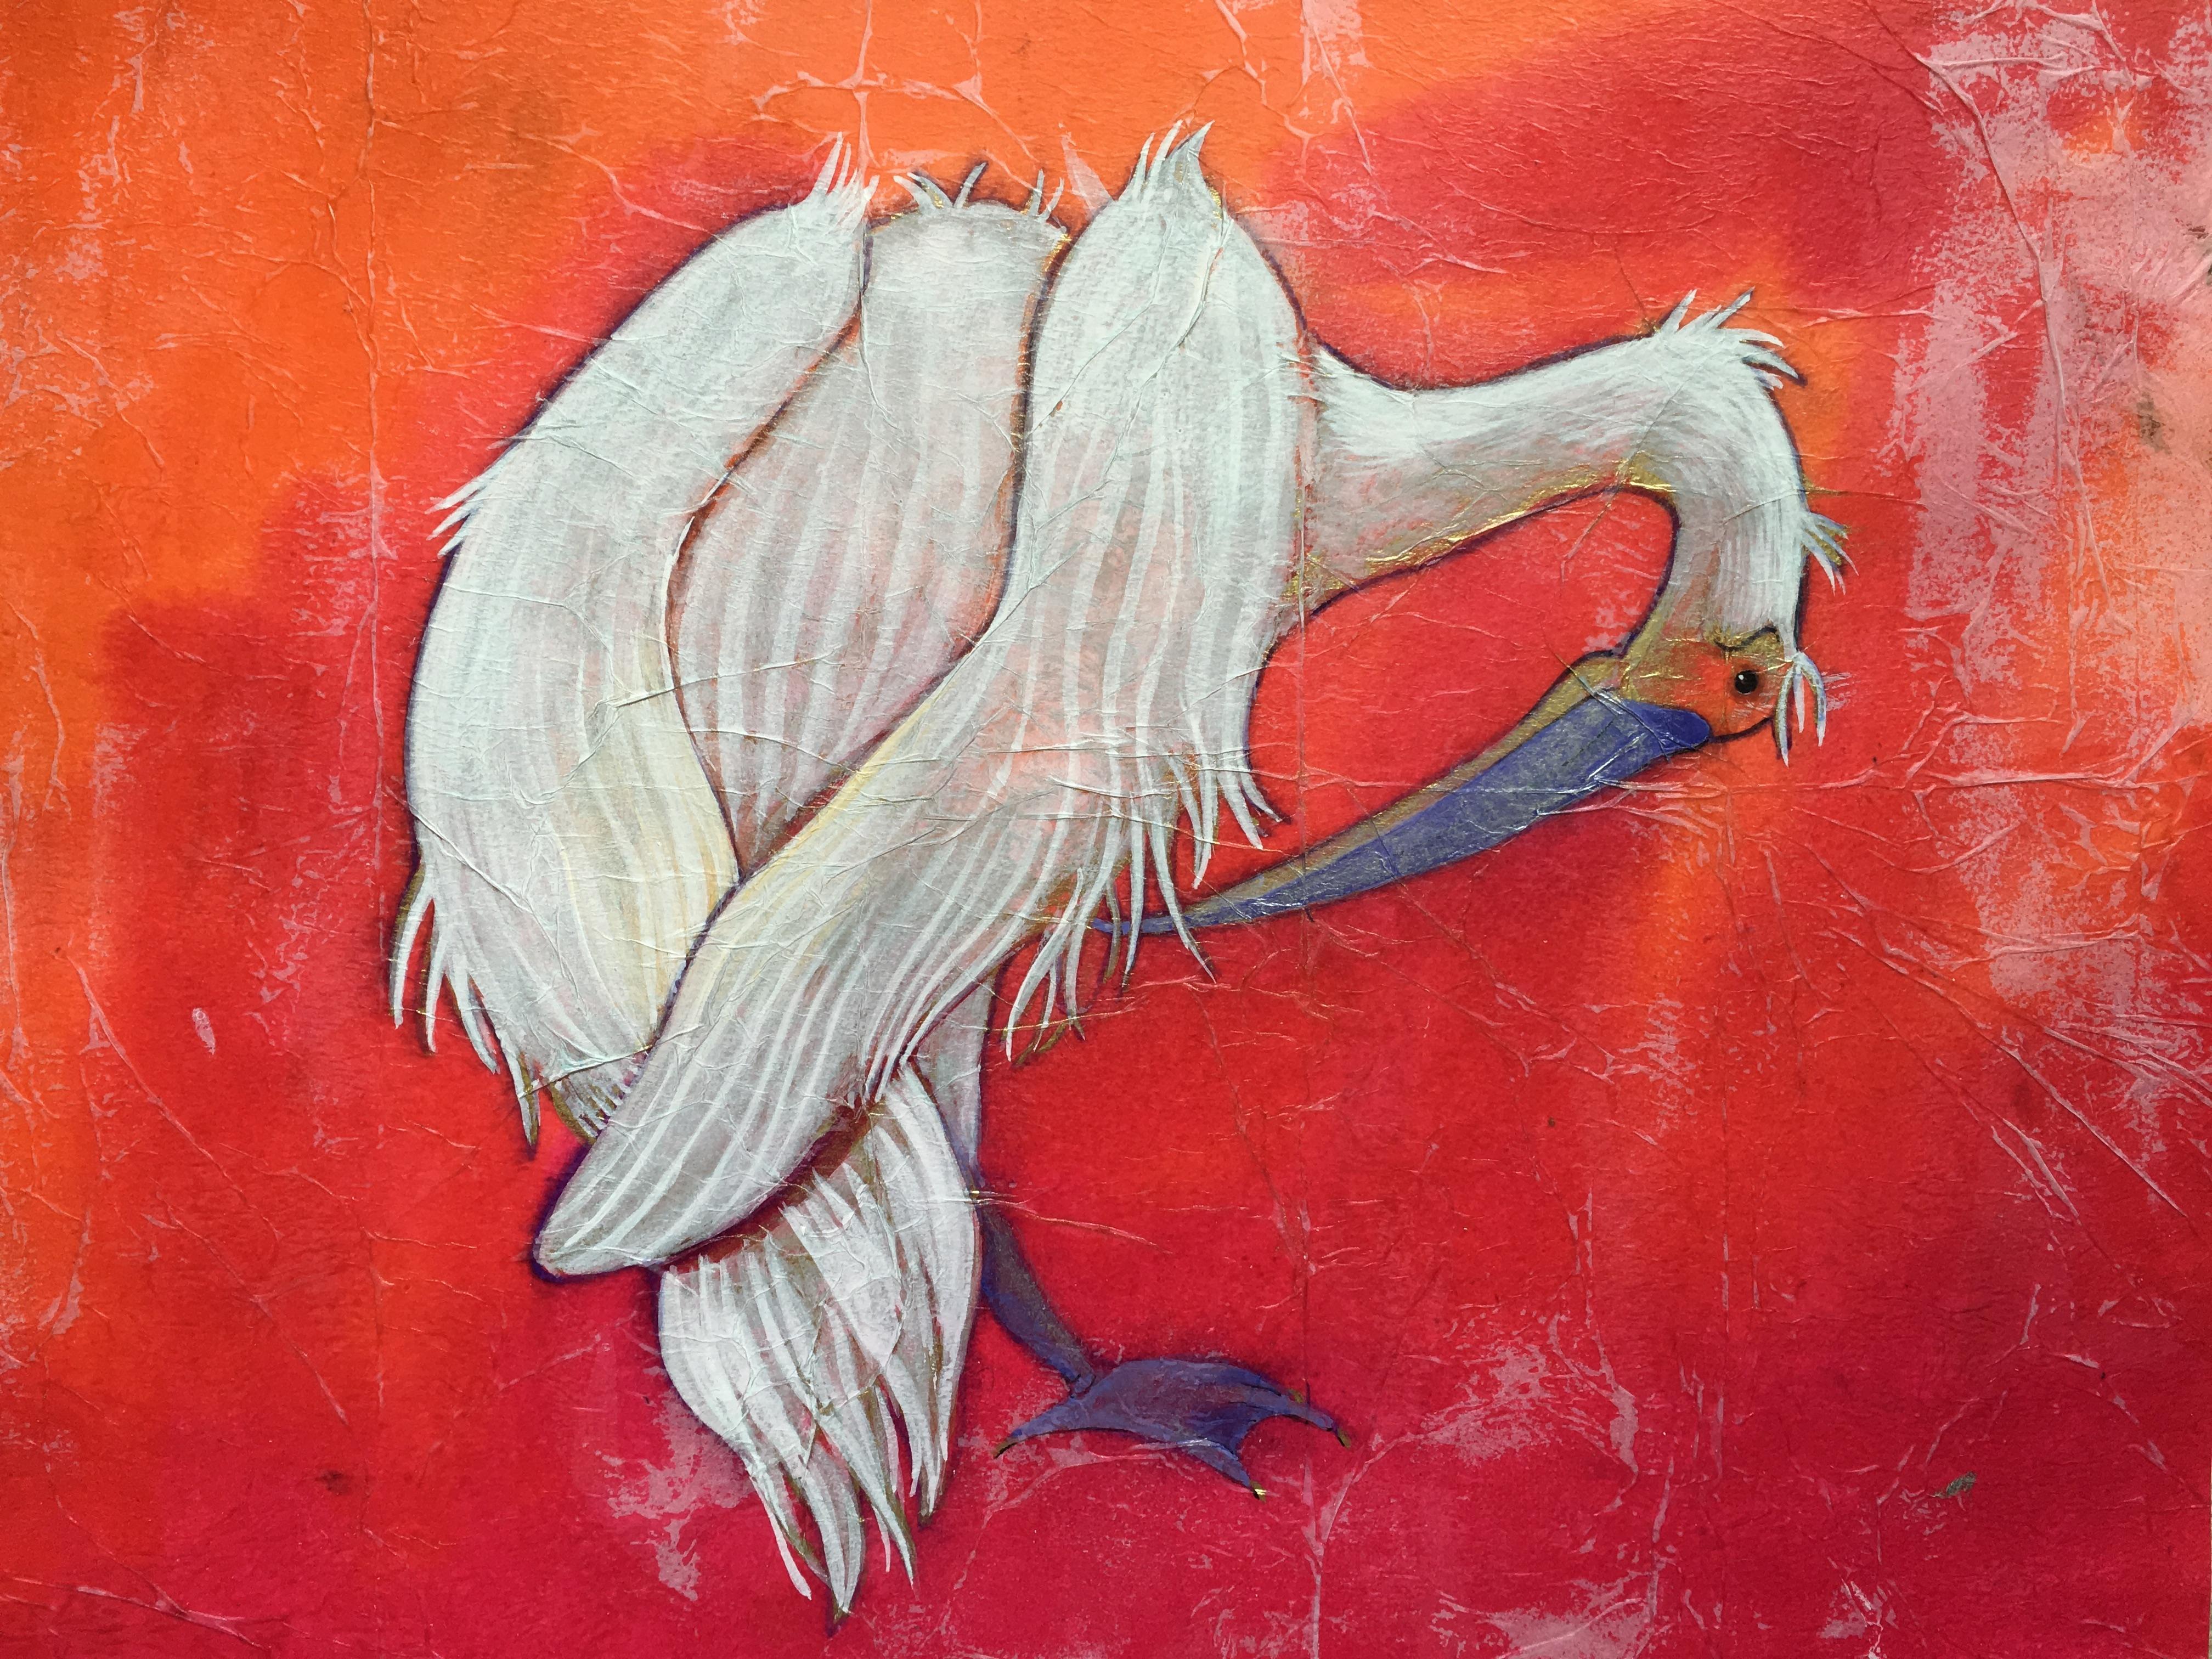 Bright Pelican - Linda owen